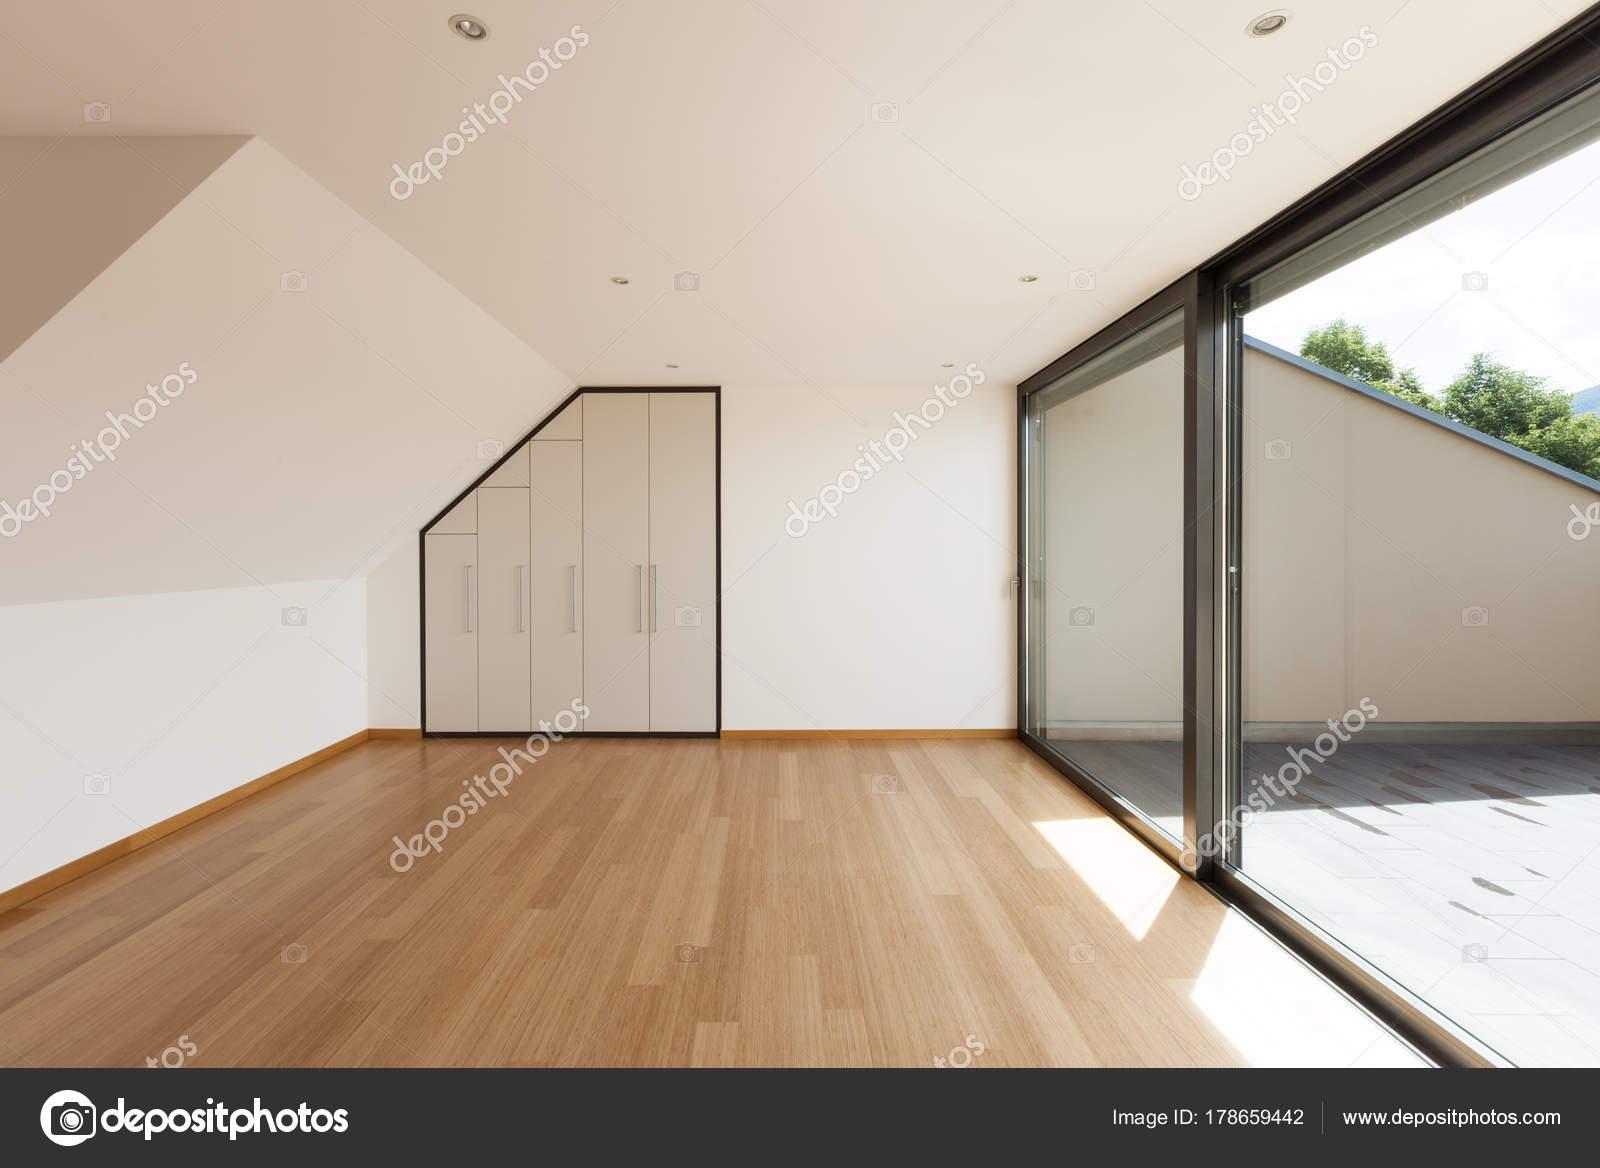 Haus, große Zimmer mit Fenster — Stockfoto © Zveiger #178659442